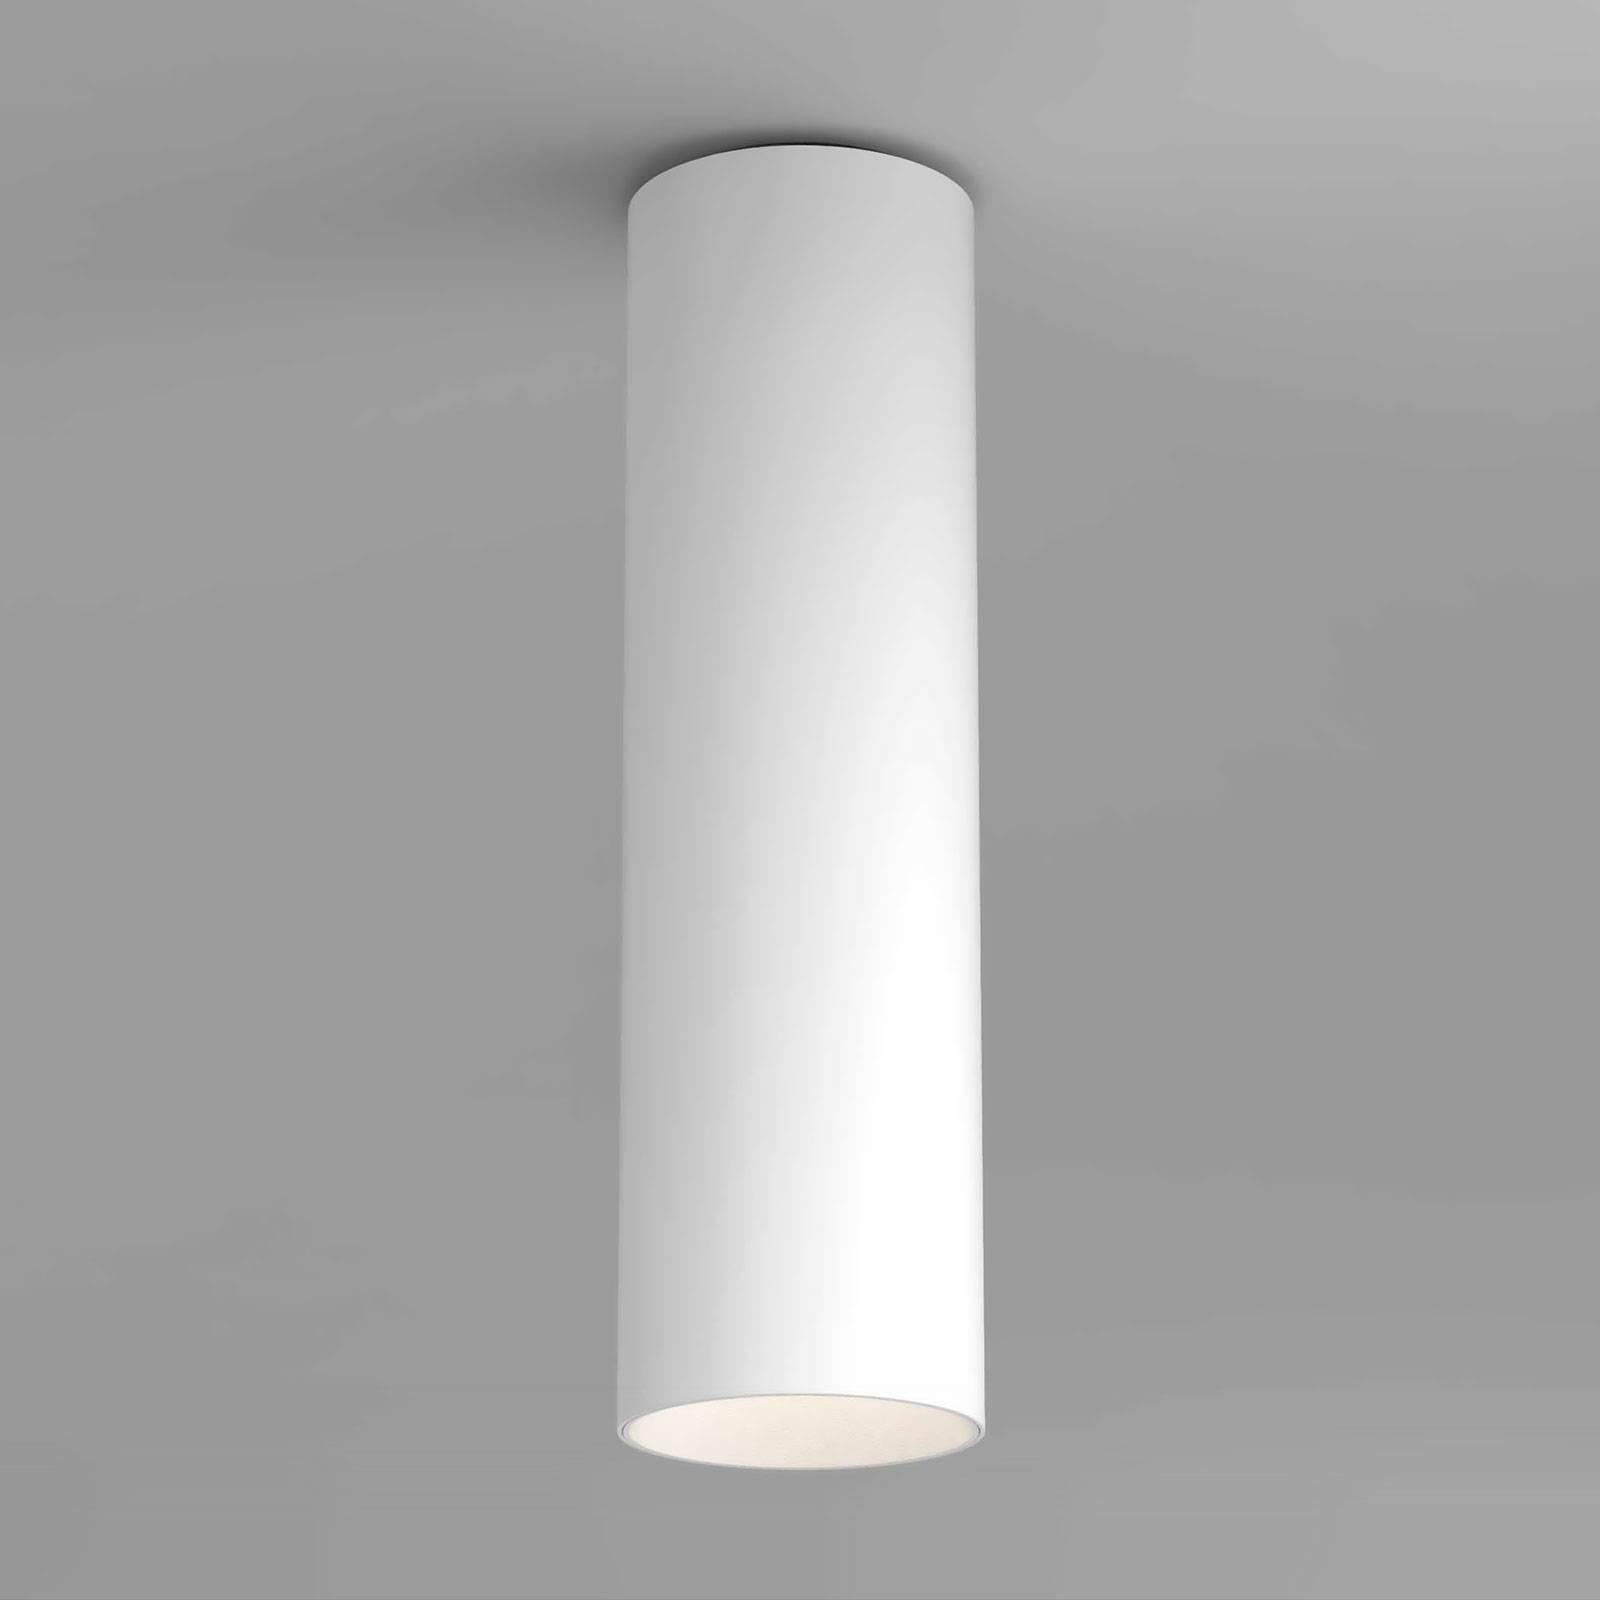 Astro Yuma Surface -LED-kattovalaisin, valkoinen